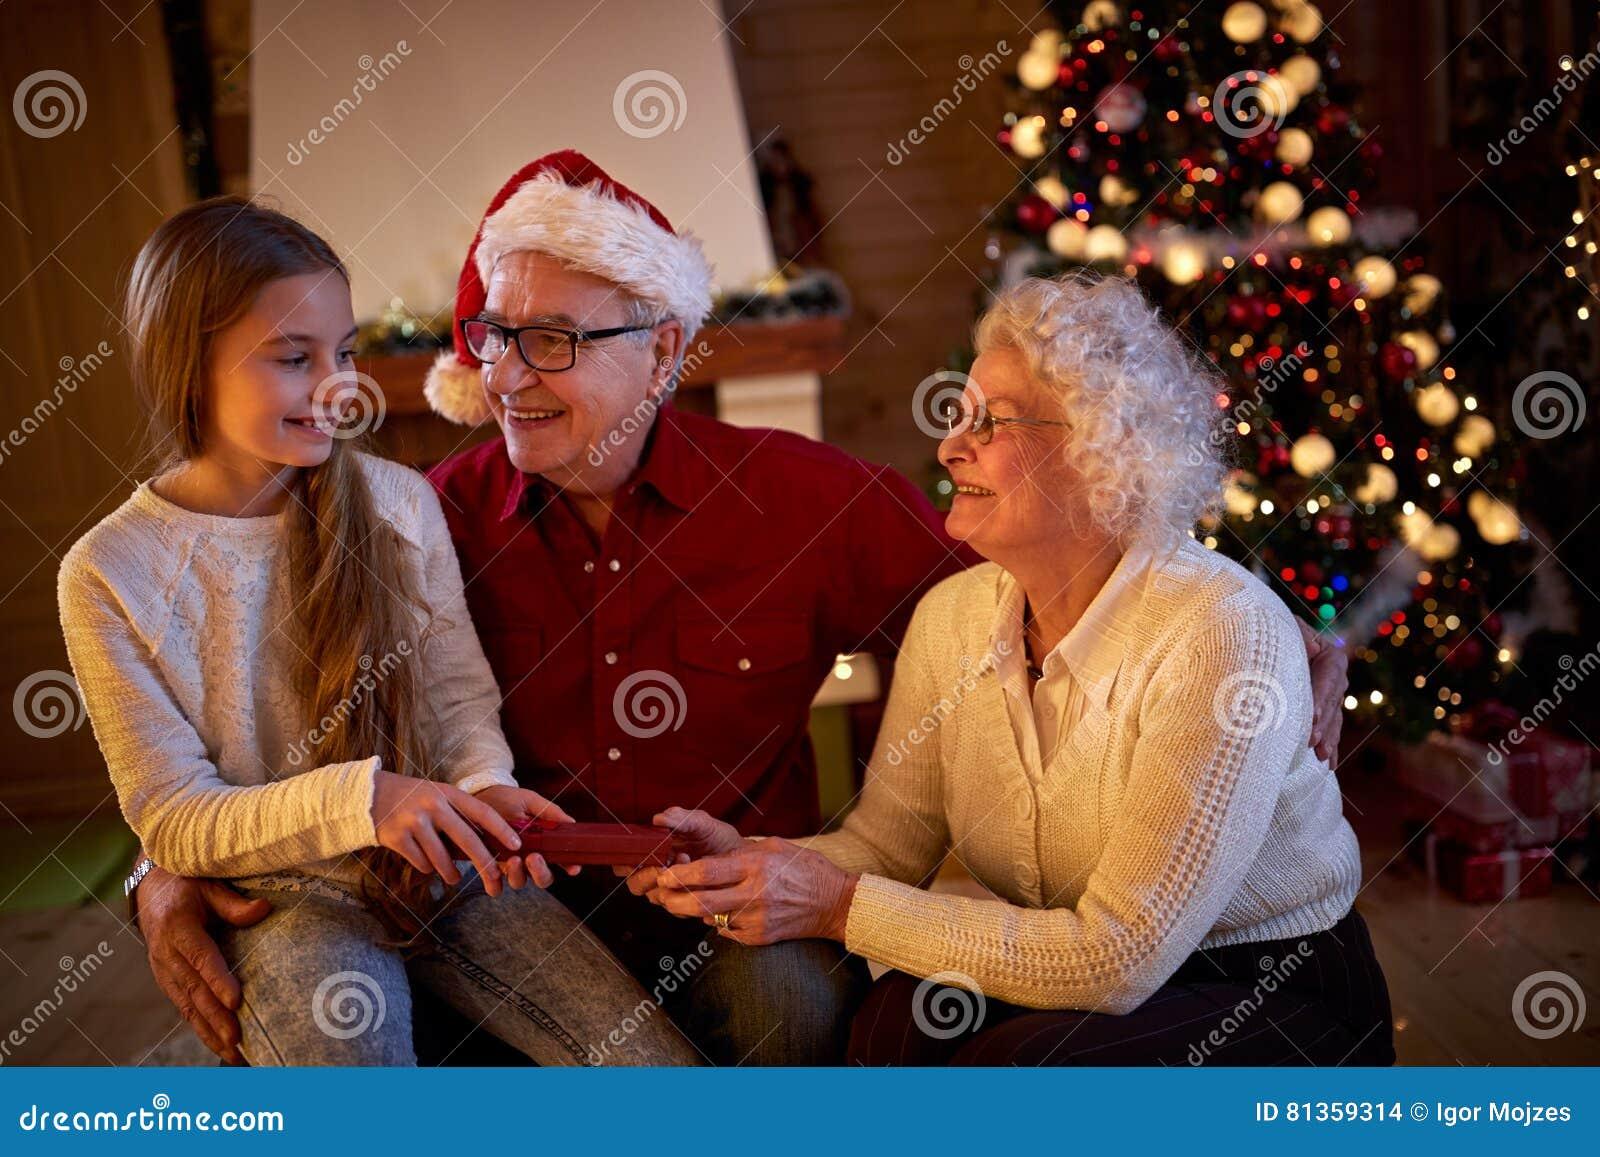 Regali Di Natale Per I Nonni.Nonni Che Danno La Nipote Dei Regali Alla Notte Di Natale